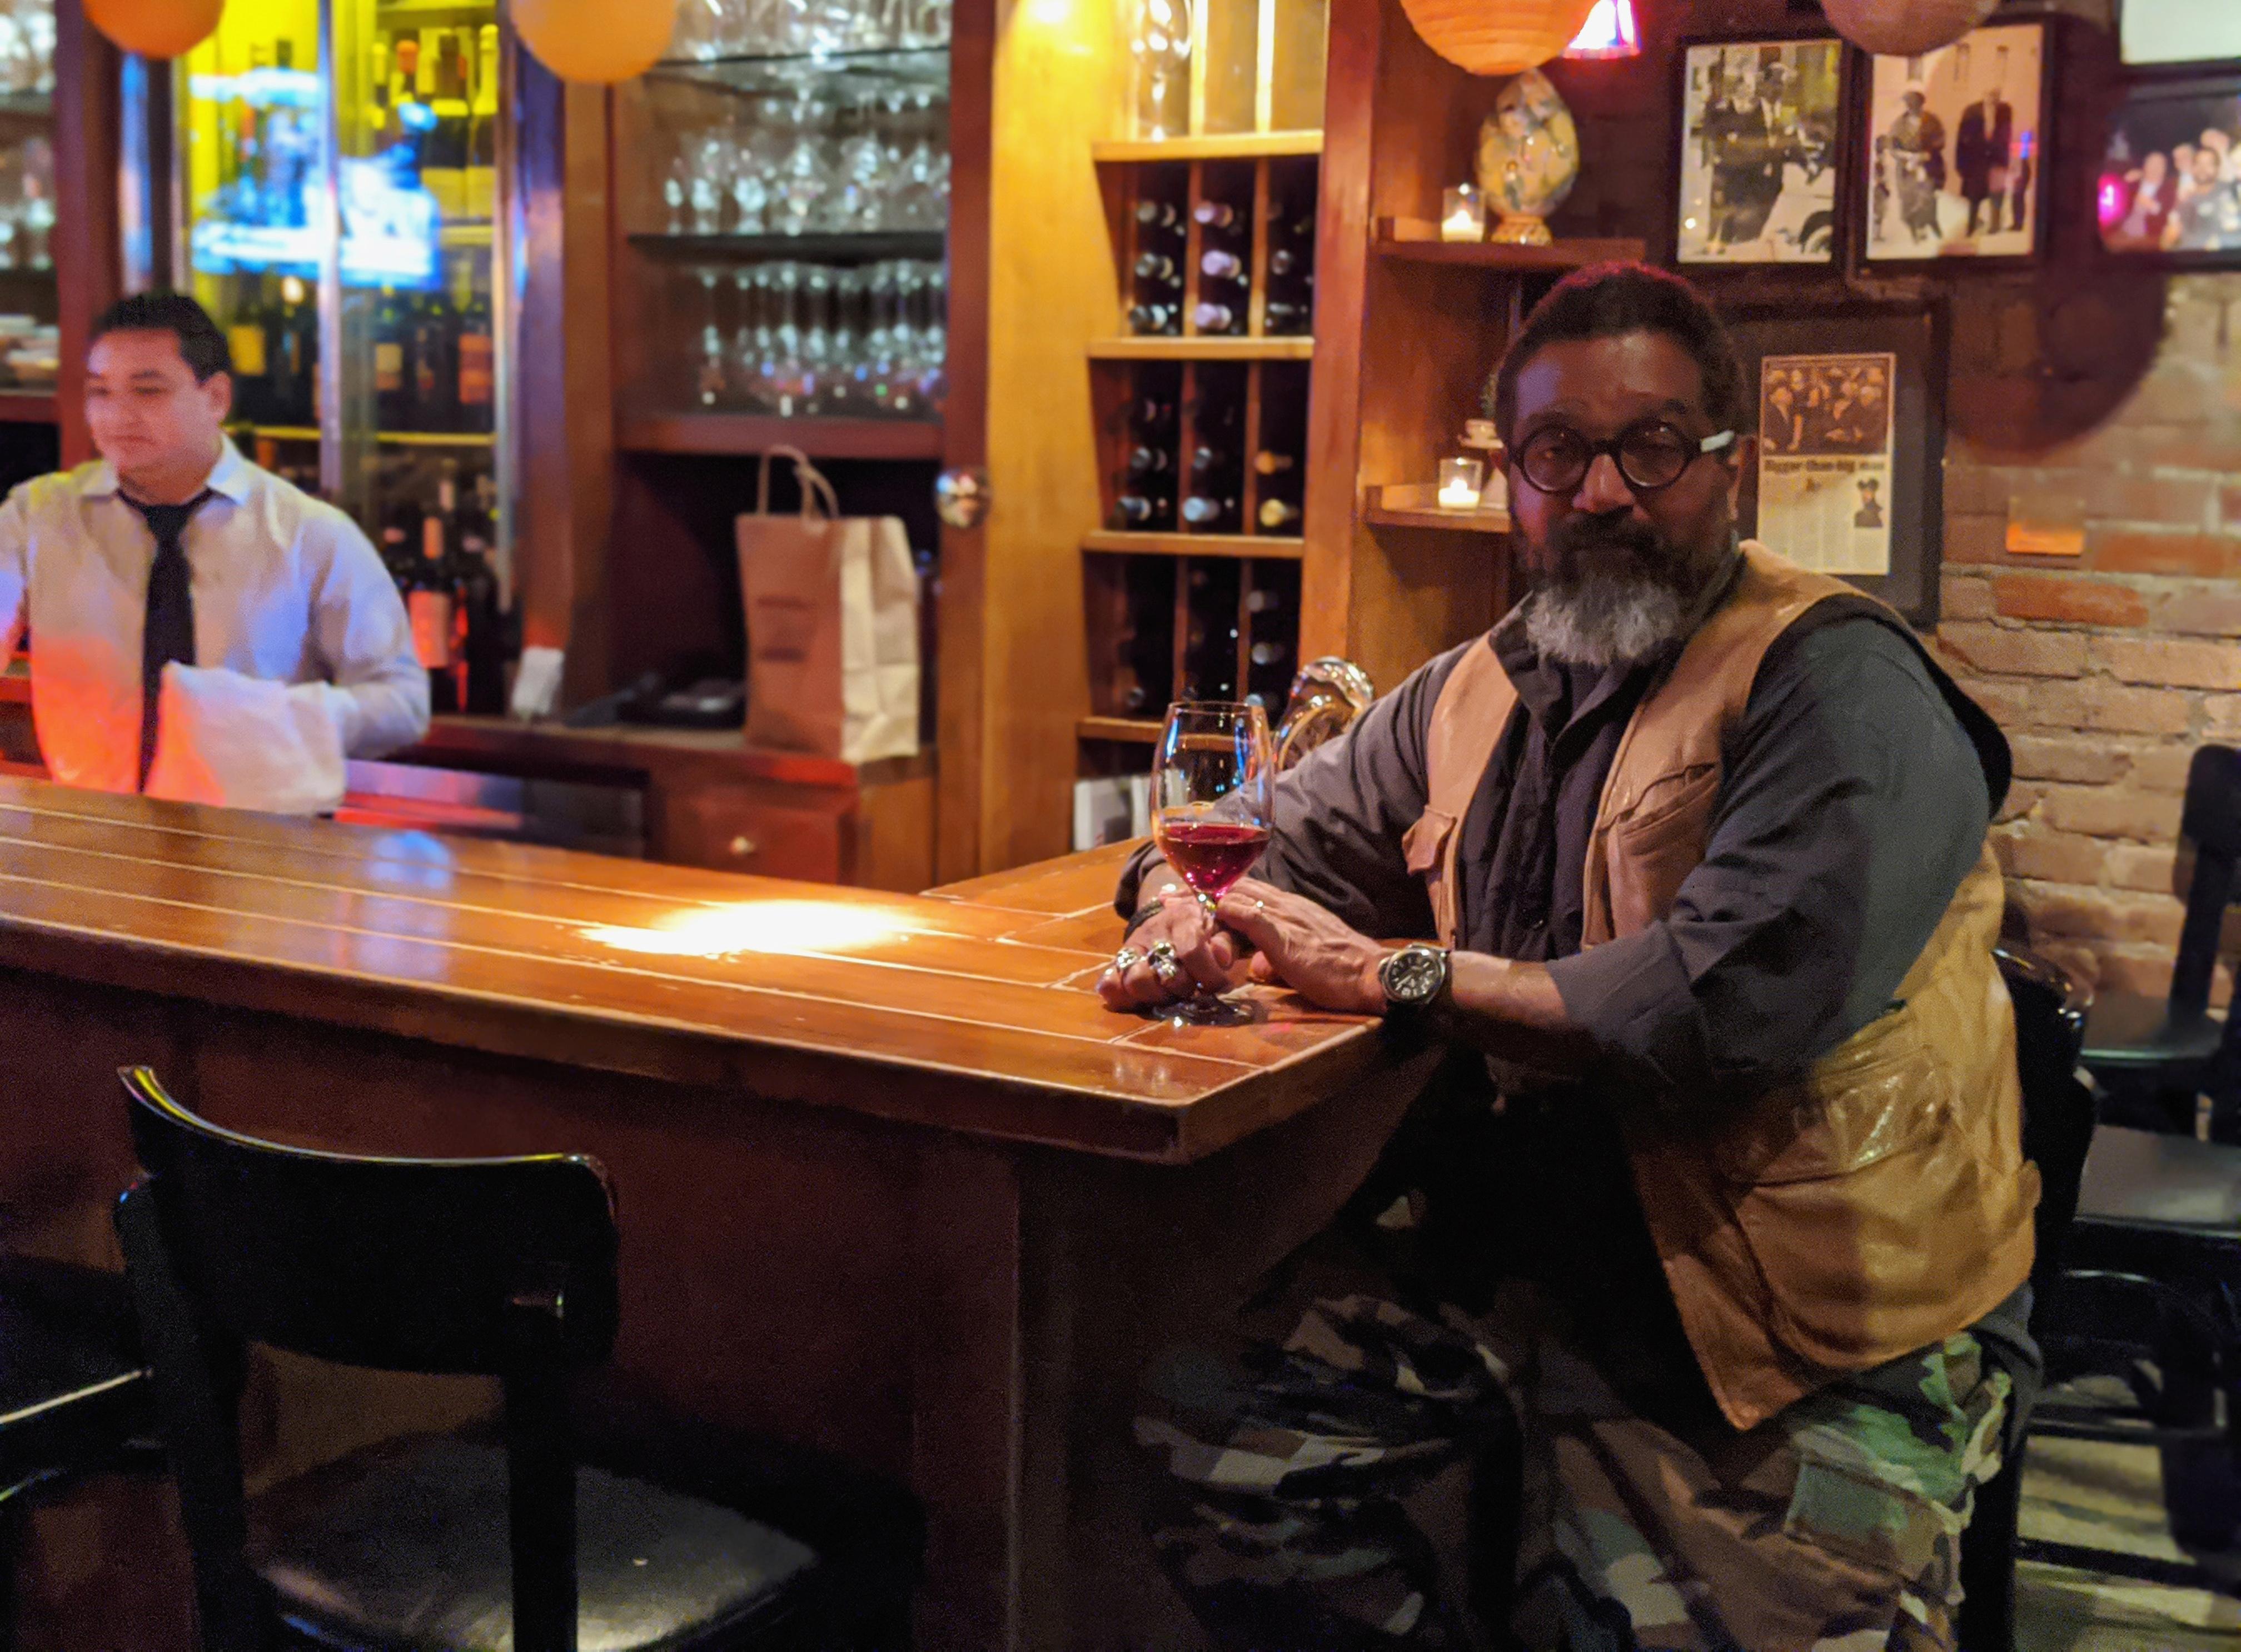 紐約一家餐館的老闆(右)表示,他考慮改變經營方式或將餐館轉型,為疫後新常態作準備。    路透社